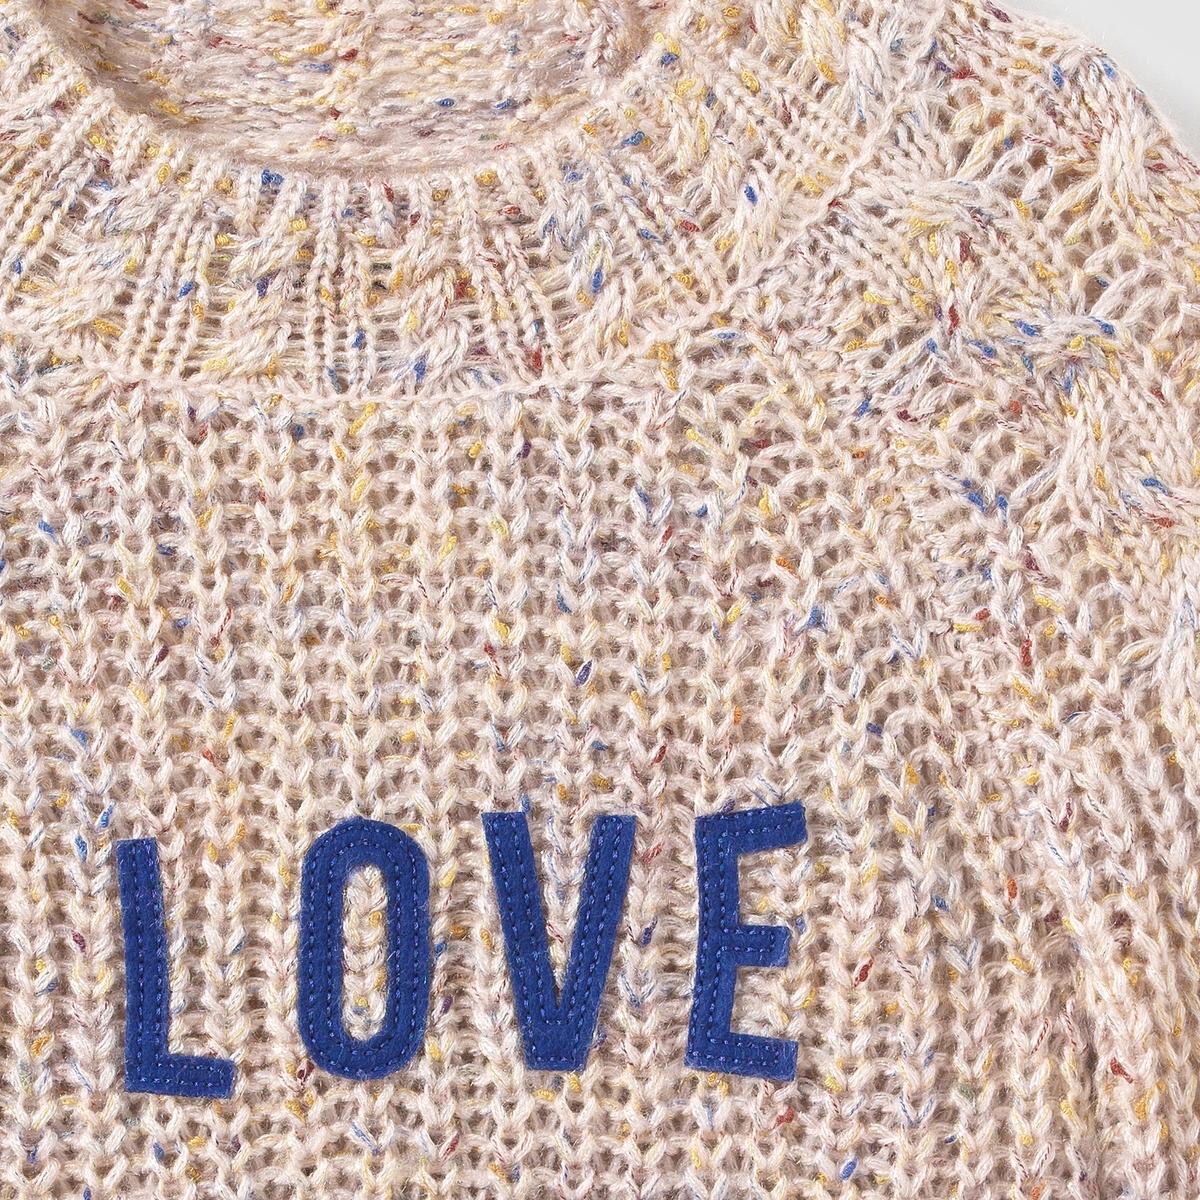 Pullover mit Stehkragen, Aufdruck I Love 3 14 Jahre